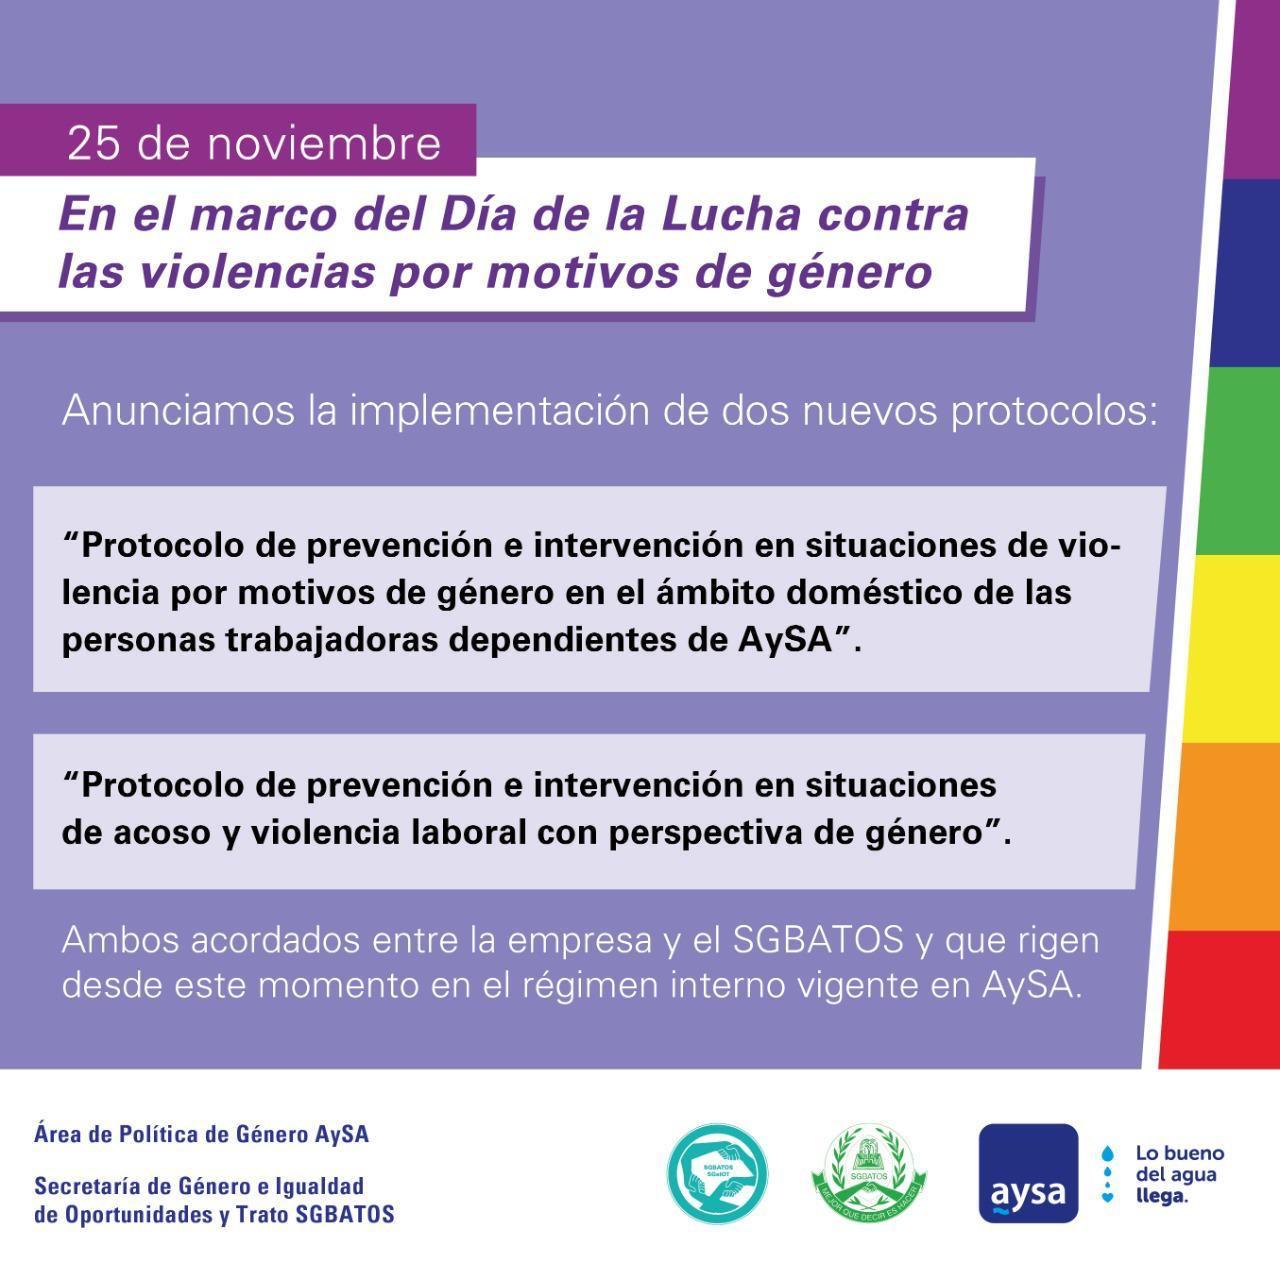 25 de Noviembre – Nuevos Protocolos y Derechos